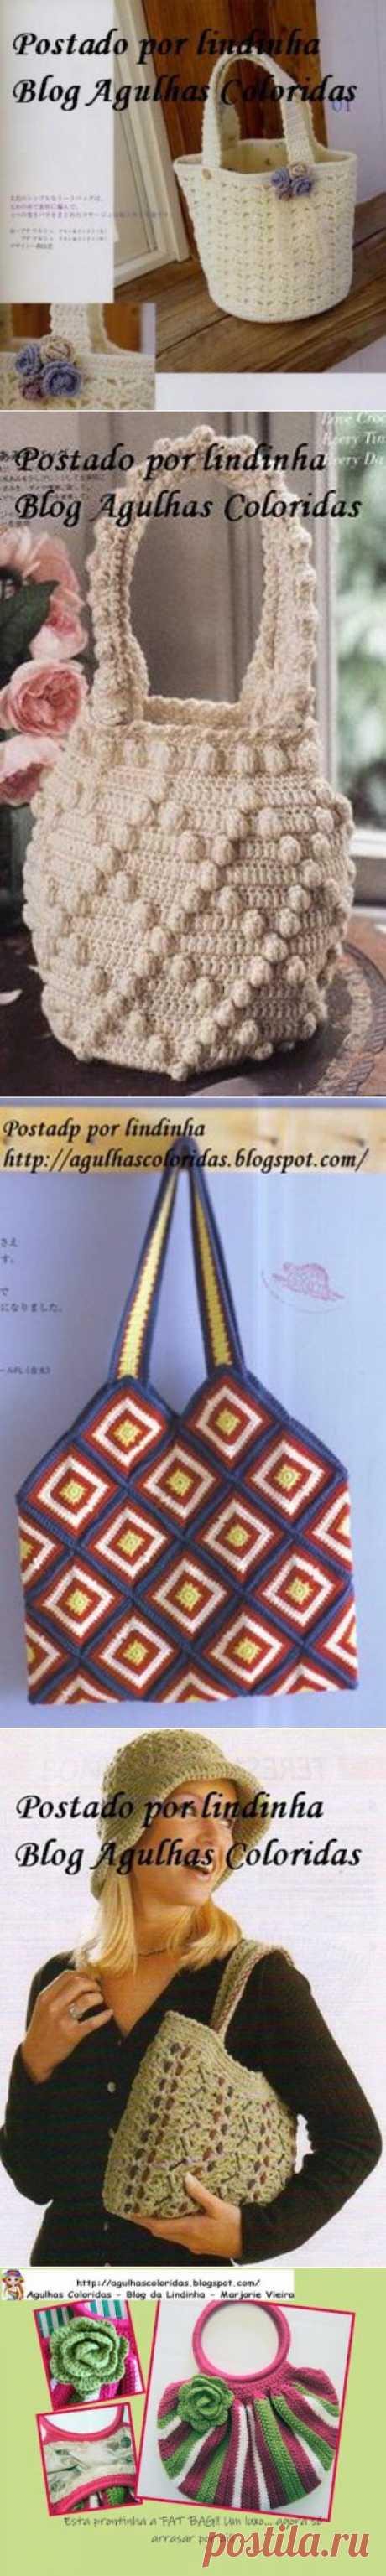 Очень красивые сумки .